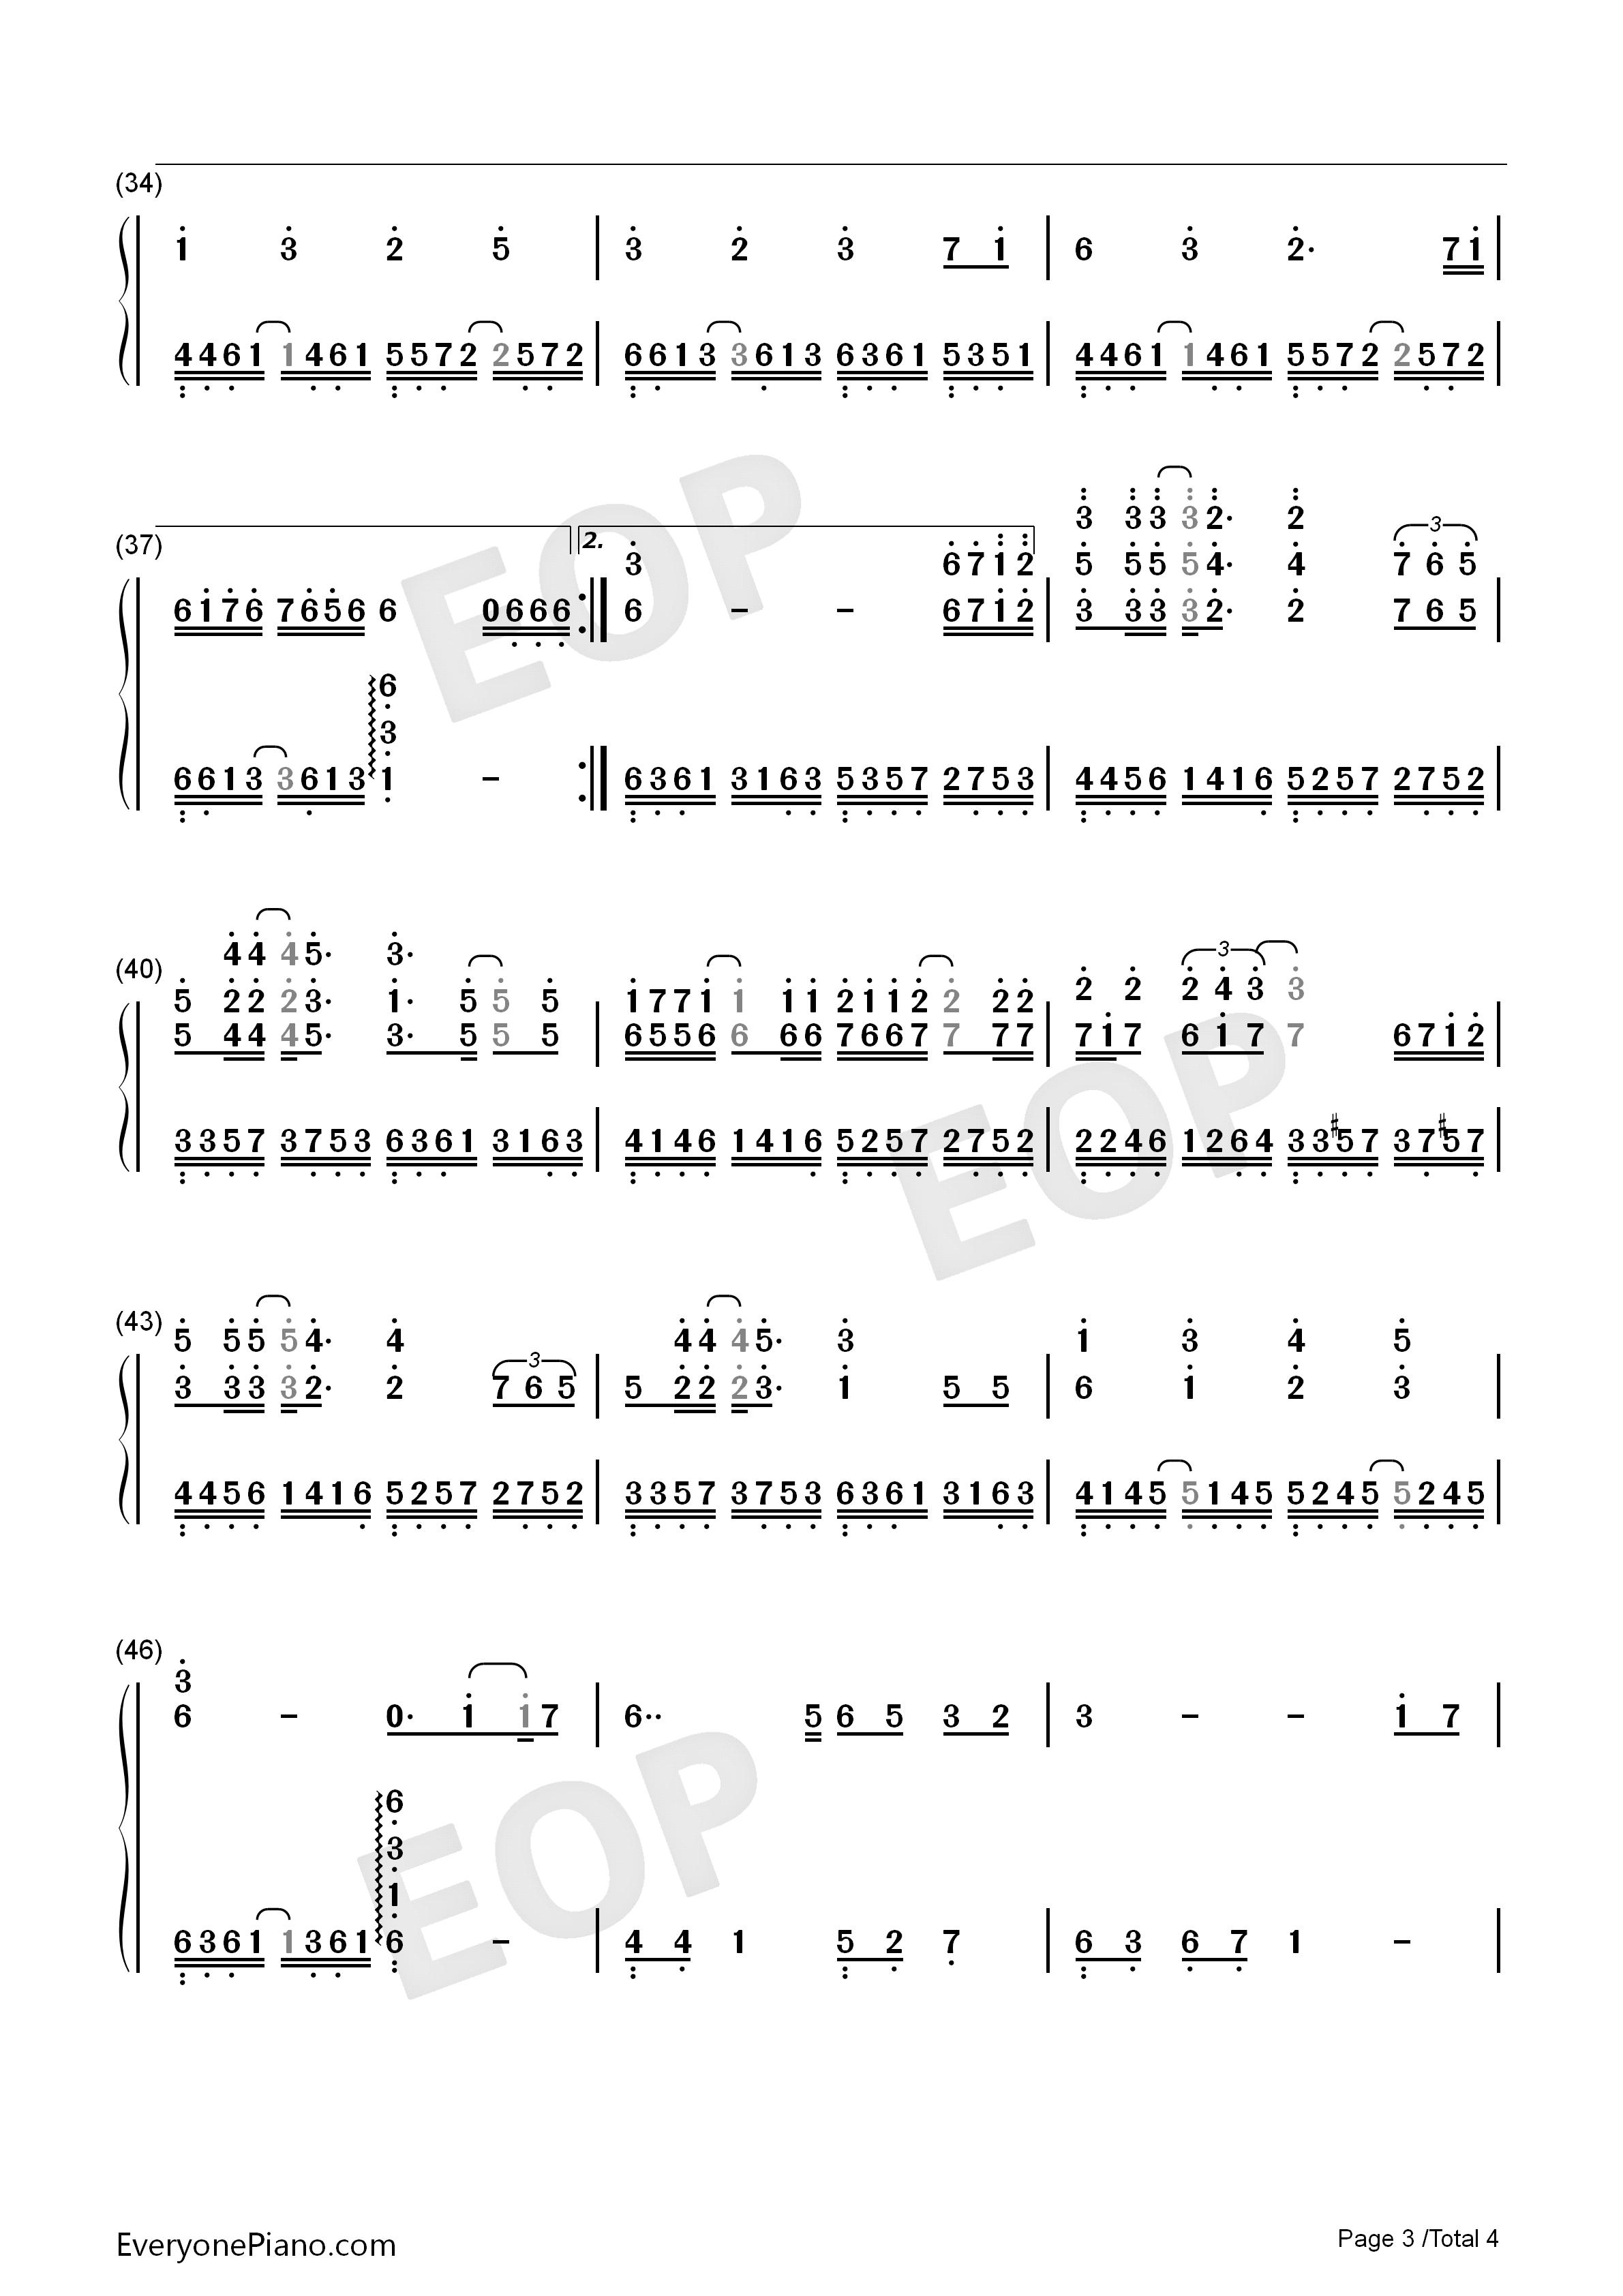 钢琴曲谱 流行 天下-张杰 天下-张杰双手简谱预览3  }  仅供学习交流